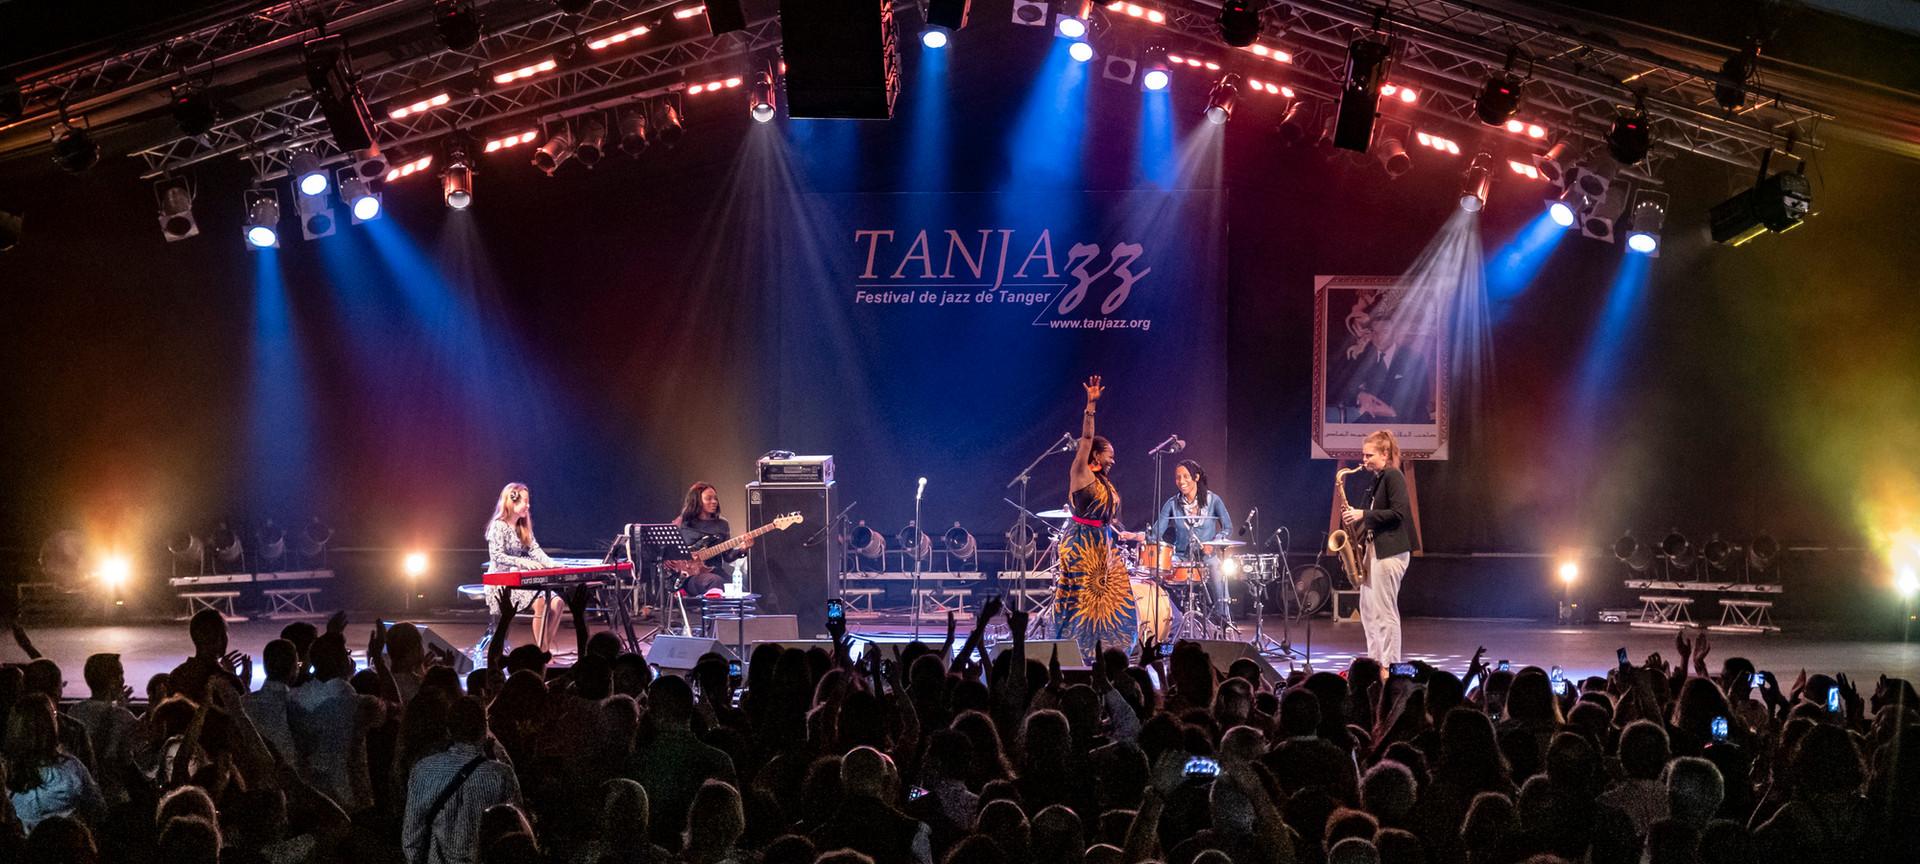 TANJAZZ FESTIVAL